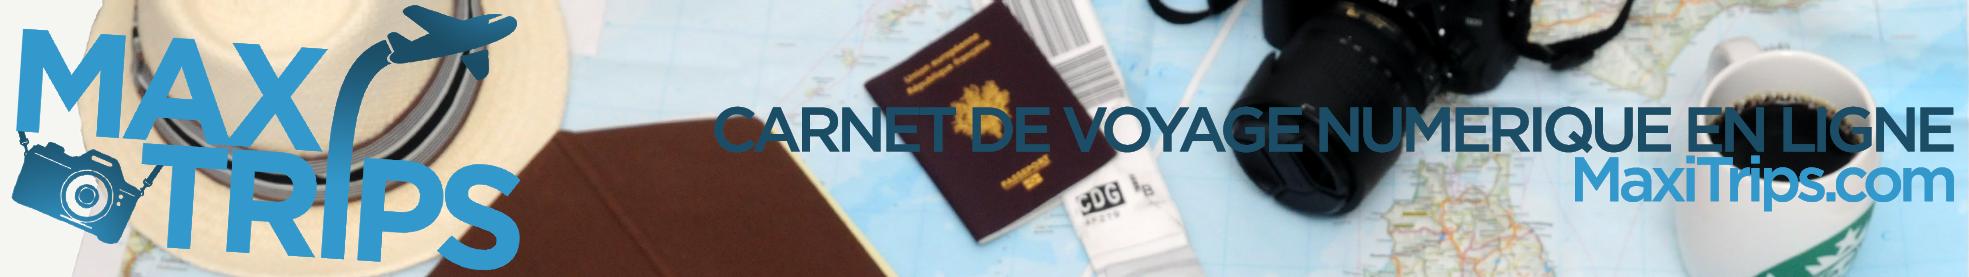 Carnet de voyage numérique (scrapbooking numérique) & blog voyage